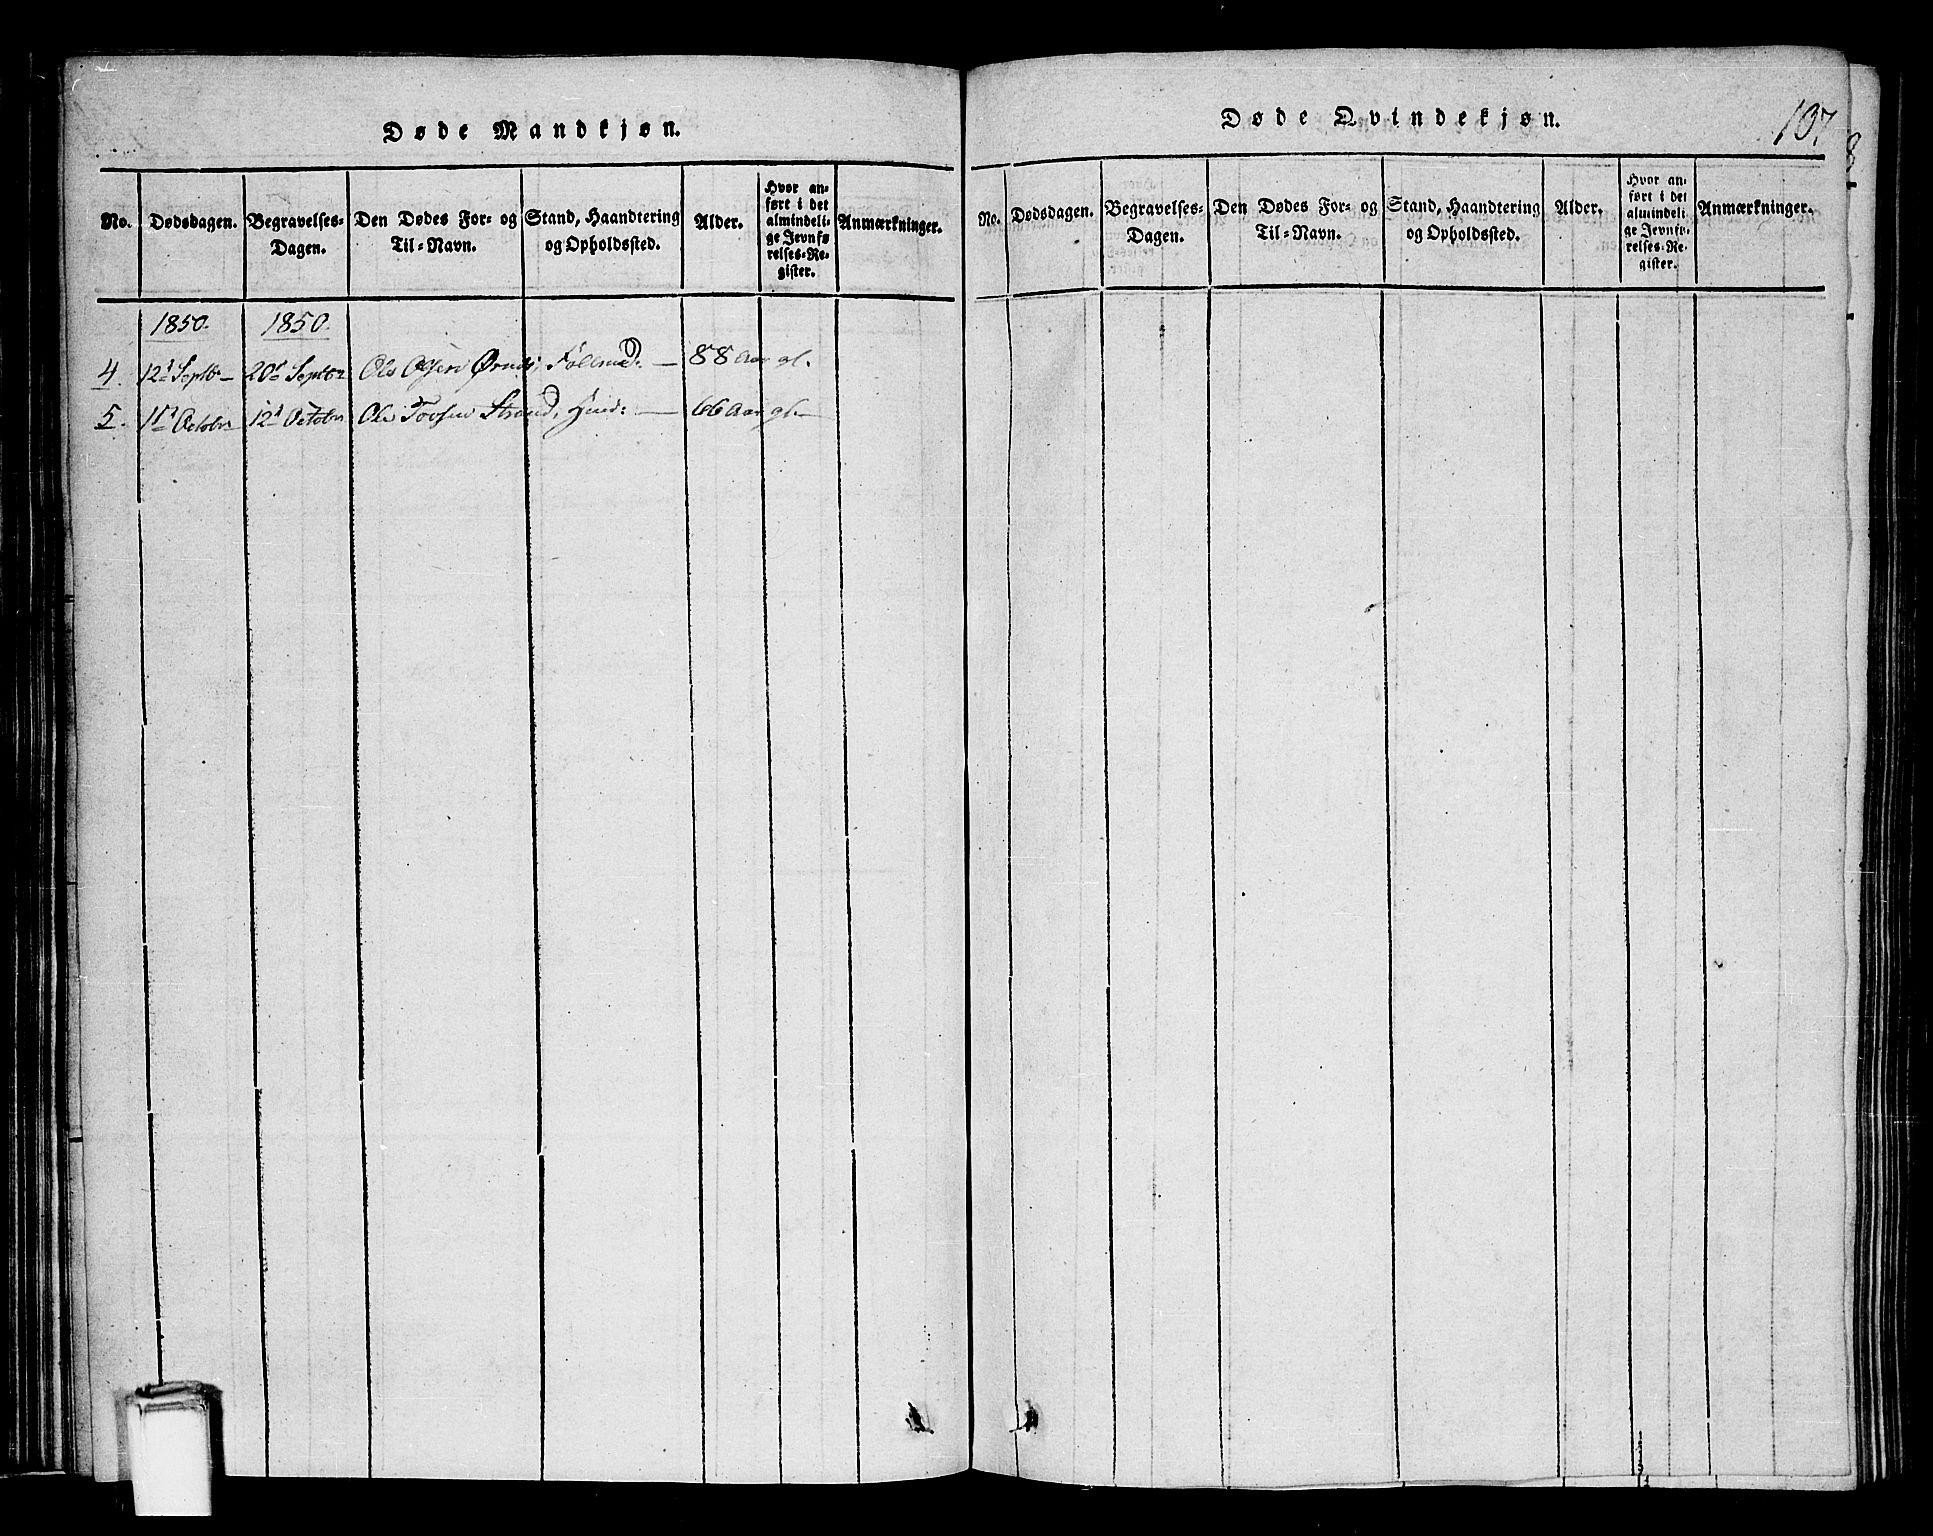 SAKO, Tinn kirkebøker, G/Gb/L0001: Klokkerbok nr. II 1 /1, 1815-1850, s. 107